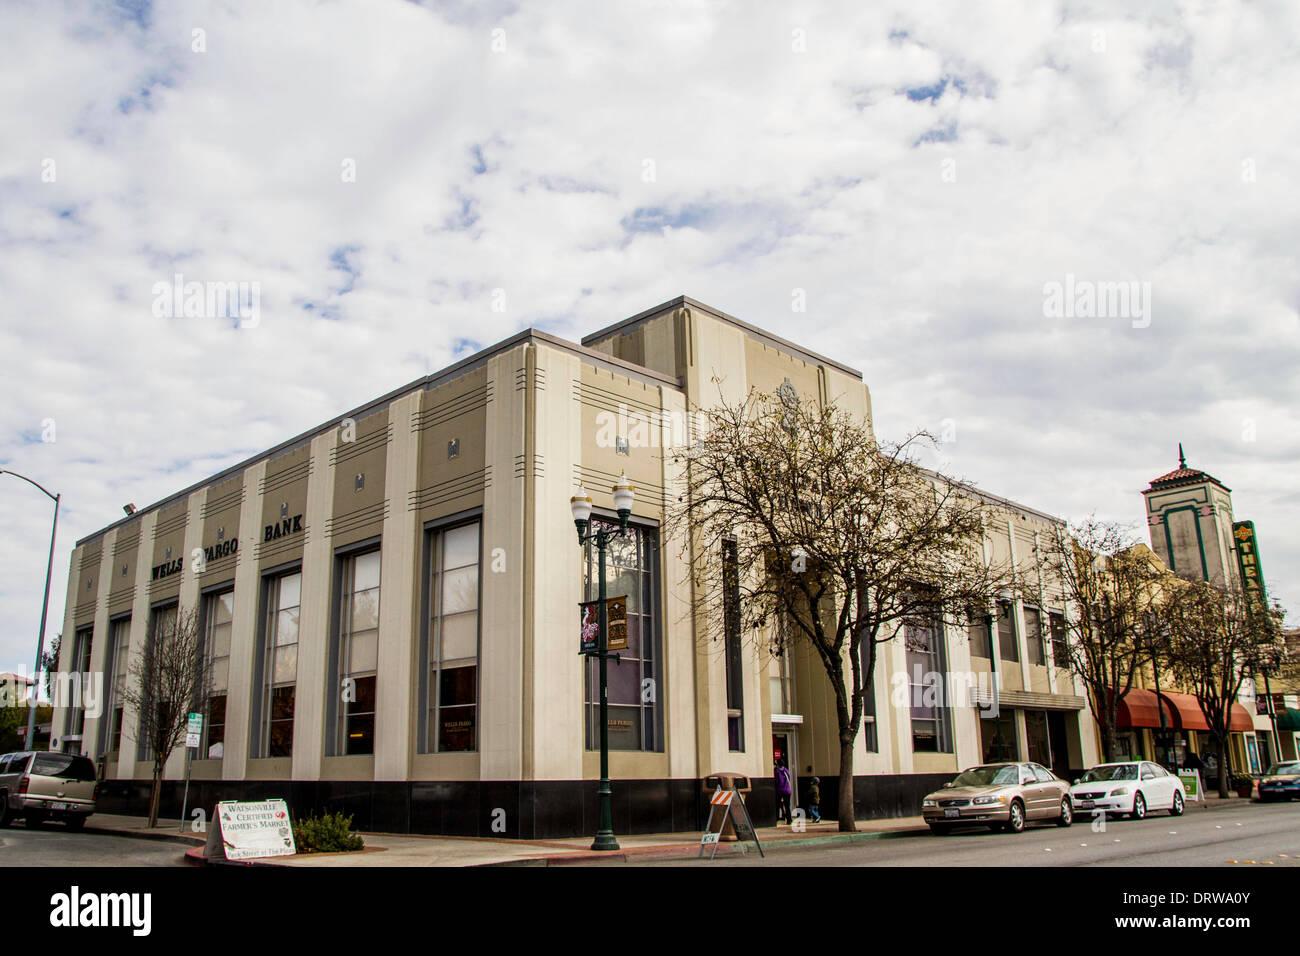 The Wells Fargo Bank Building in Watsonville California - Stock Image